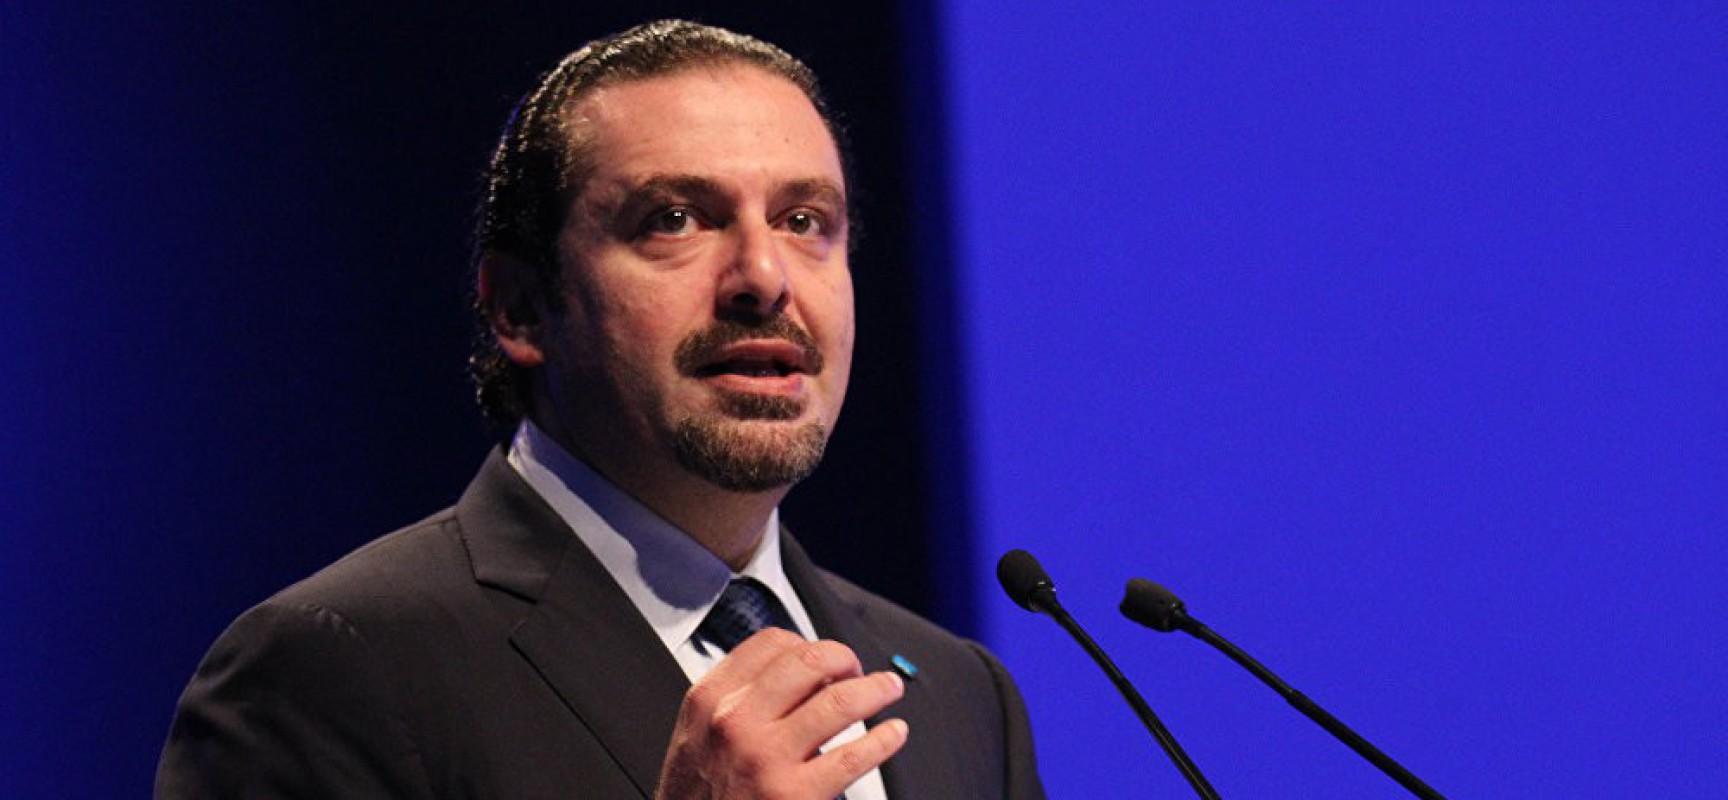 La démission du Premier ministre libanais sur instruction de Ryad: le prélude à une nouvelle agression contre le Liban